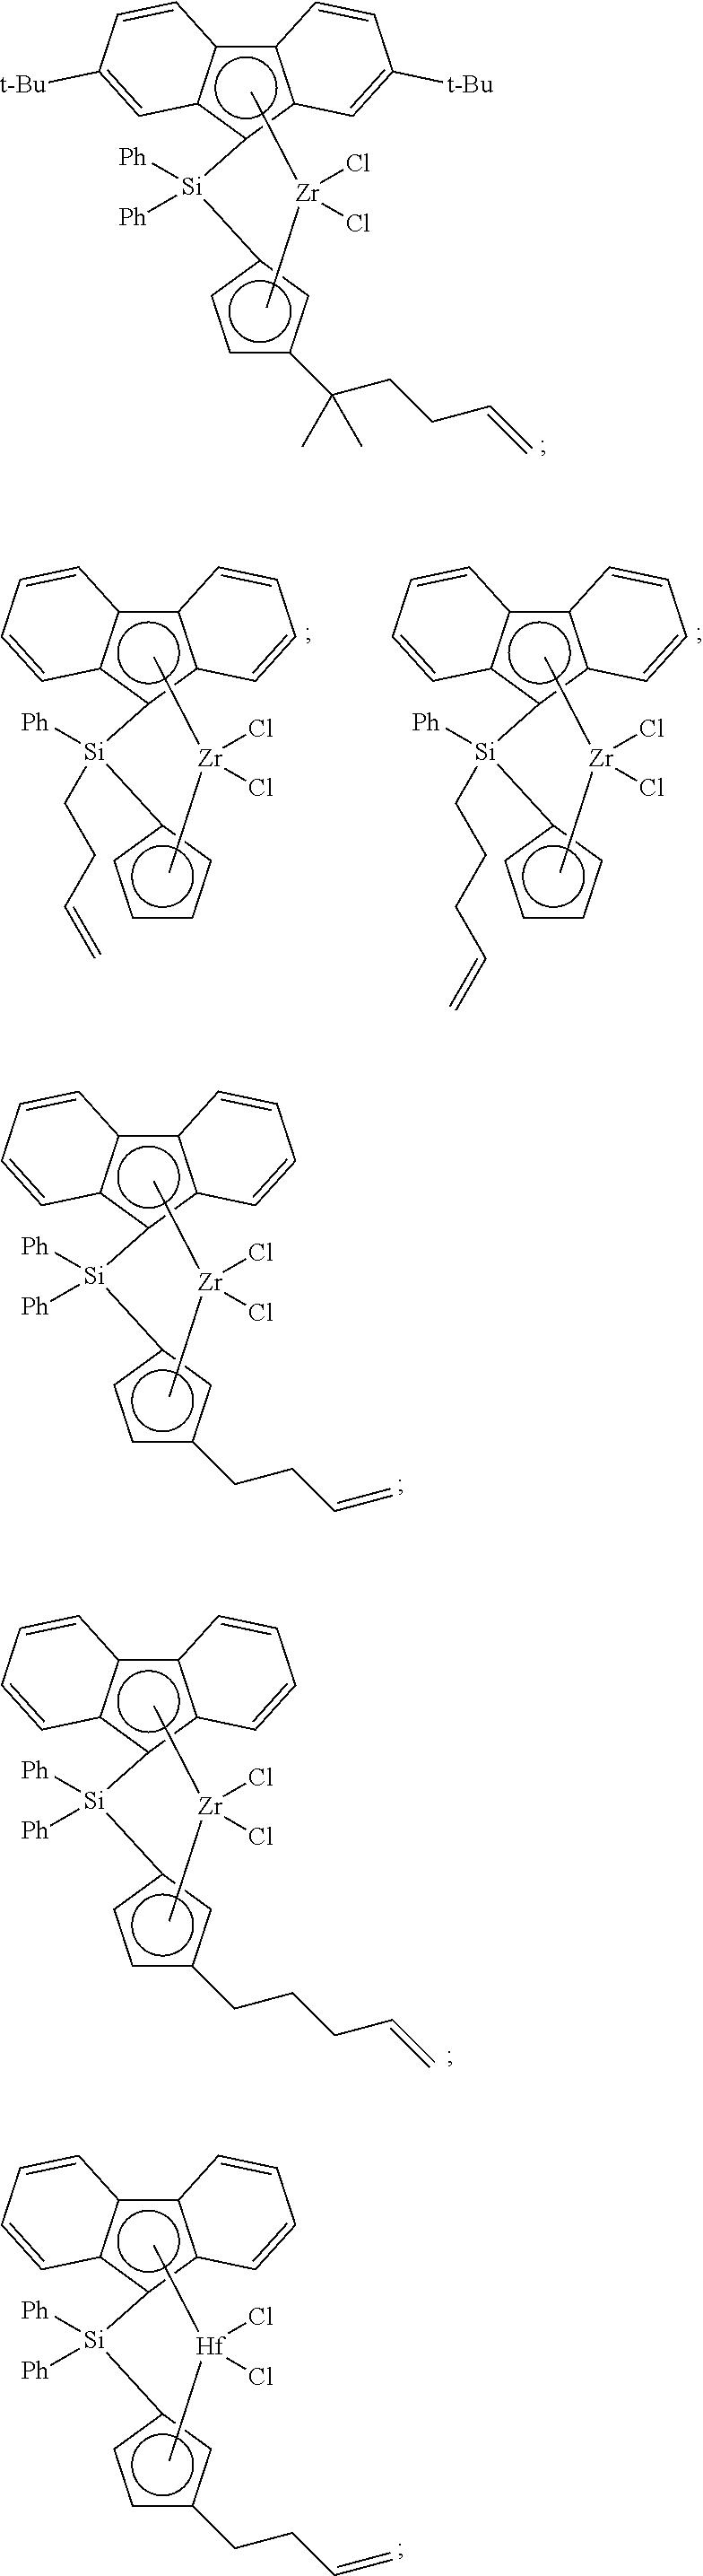 Figure US08501654-20130806-C00013